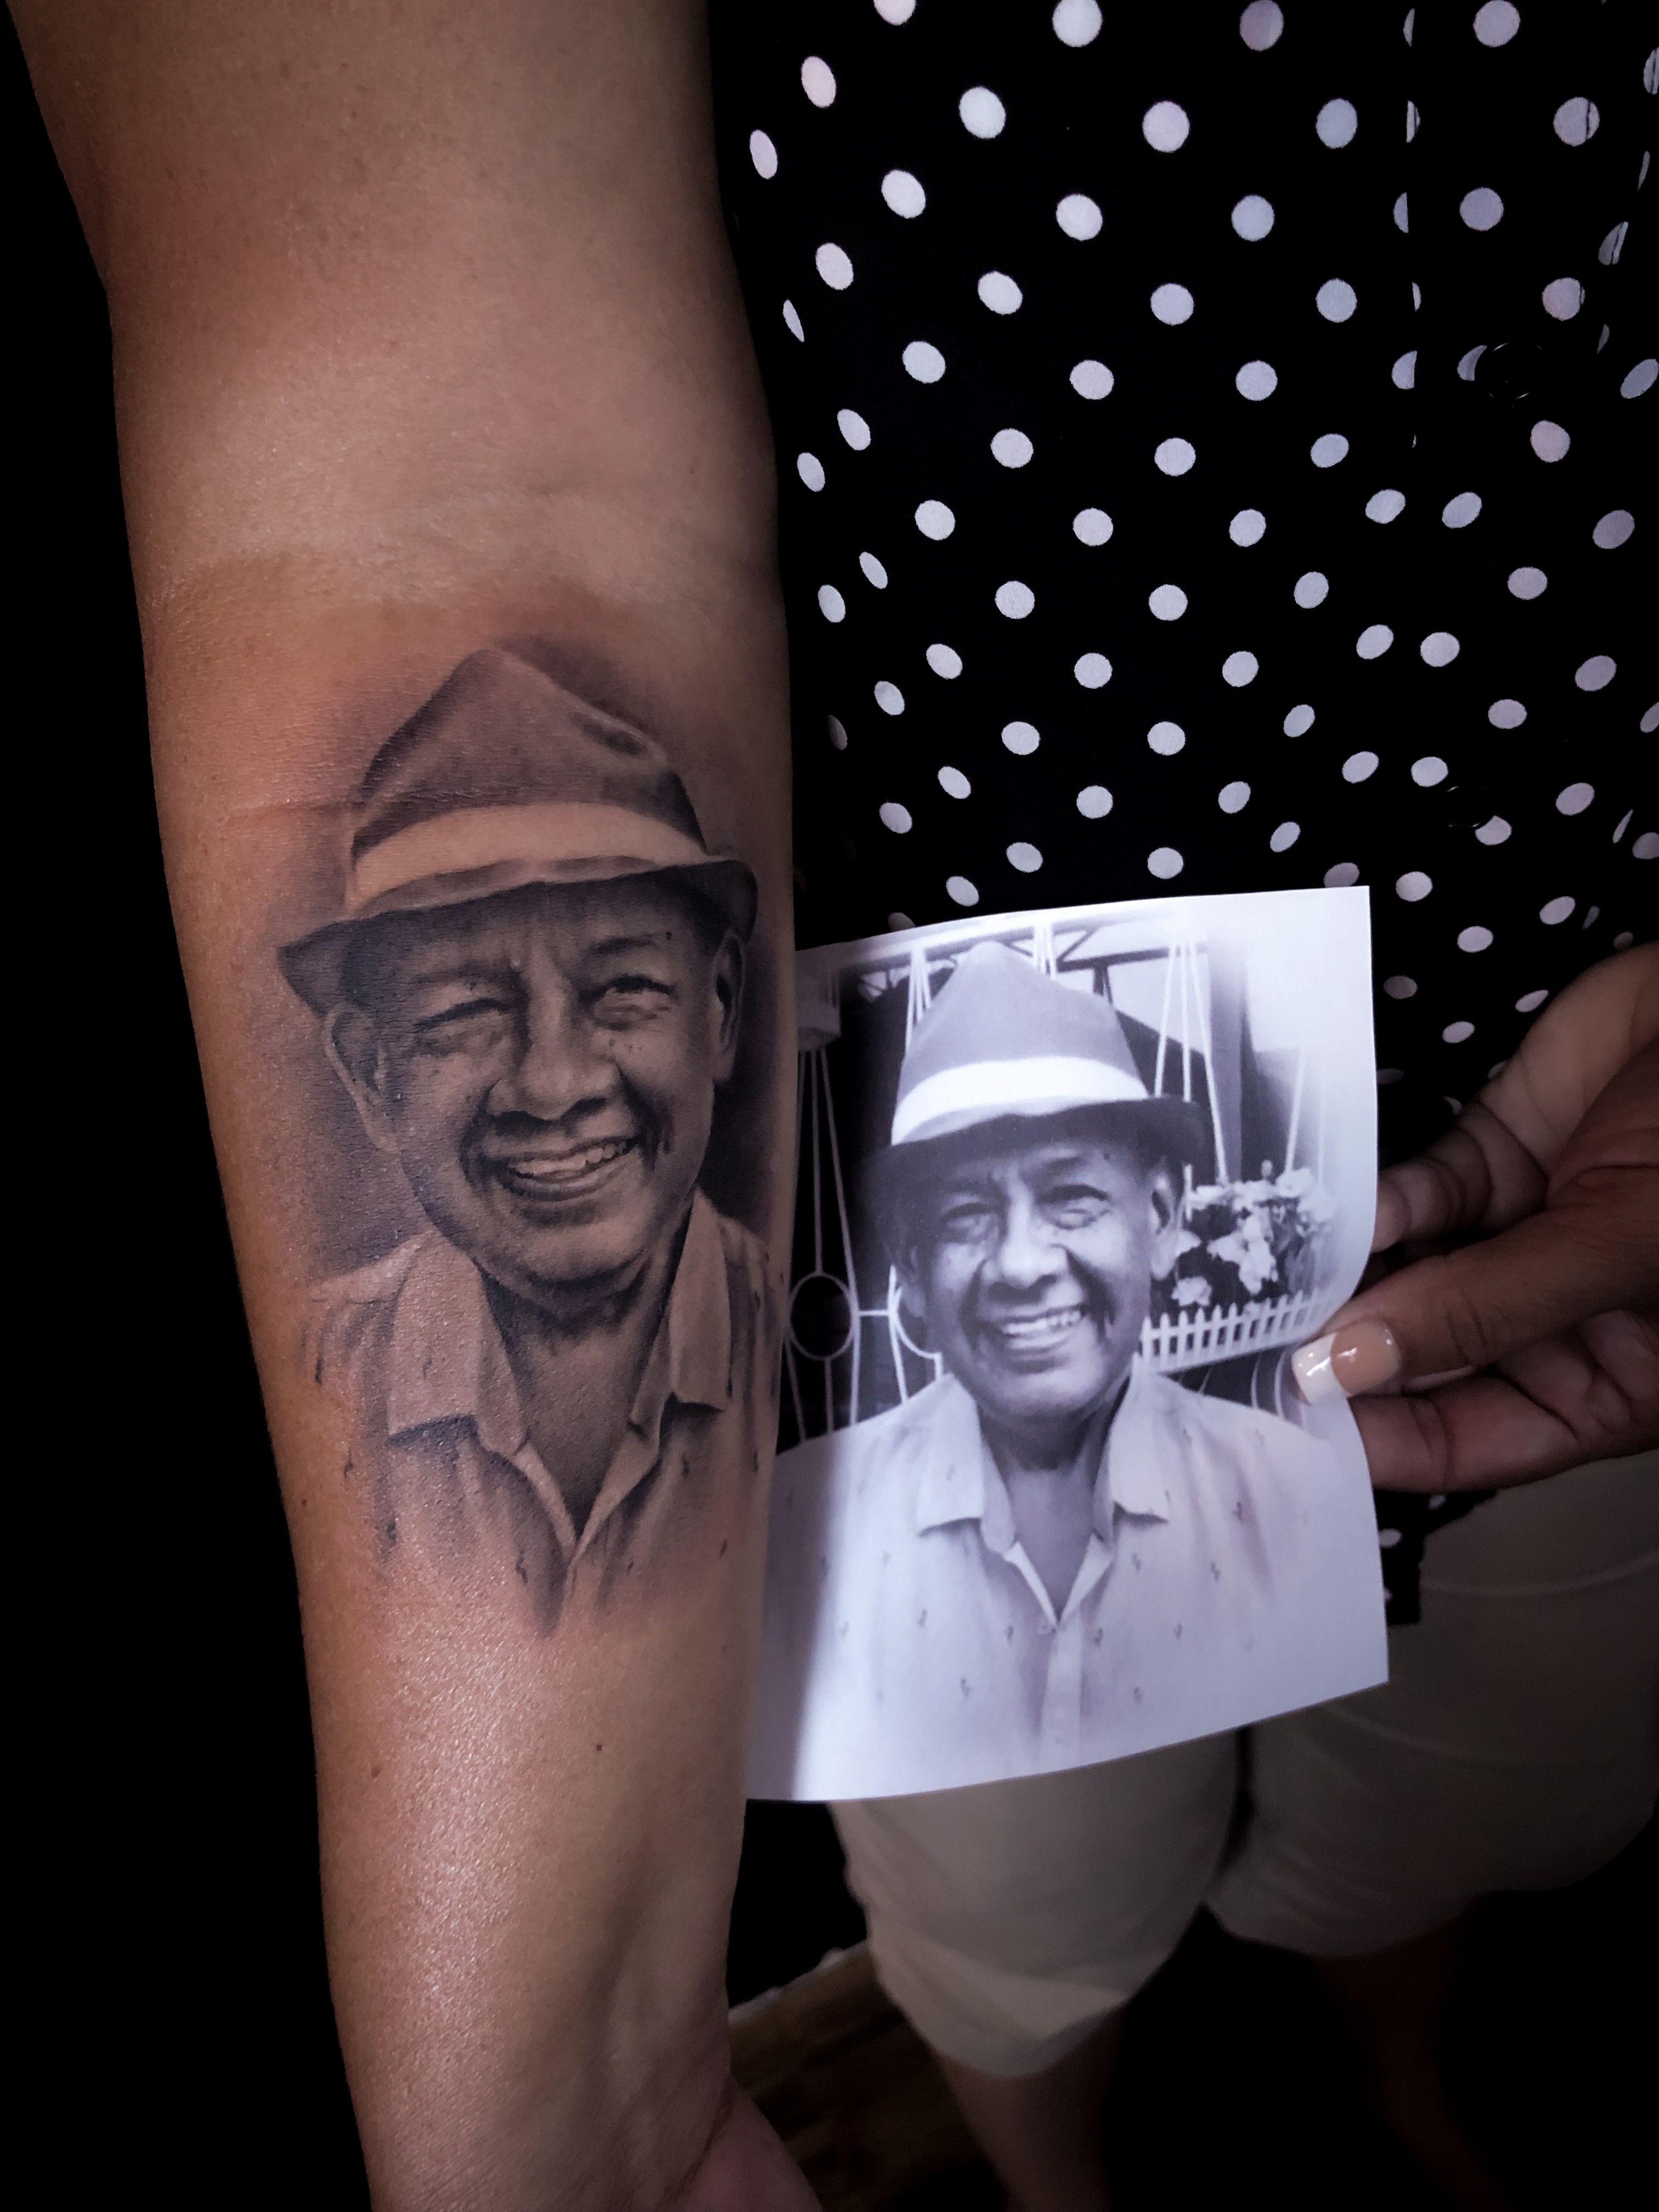 @lovetattooec @inkmens #guayaquiltattoo #tattoowork #tattooguayaquil #tattooecuador #arte #tattooart #sombras #realistictattoo #tattoostyle #lovetattoo #guayaquil #anclatattoo #realismotattoo #tatouage #blackandgreytattoo #art #inkedup #tattoo #tattoos #ink #inked #tatuaje #inktober #realistictattoo #tatuagem #tatuaggios #realistic #realism #retrato